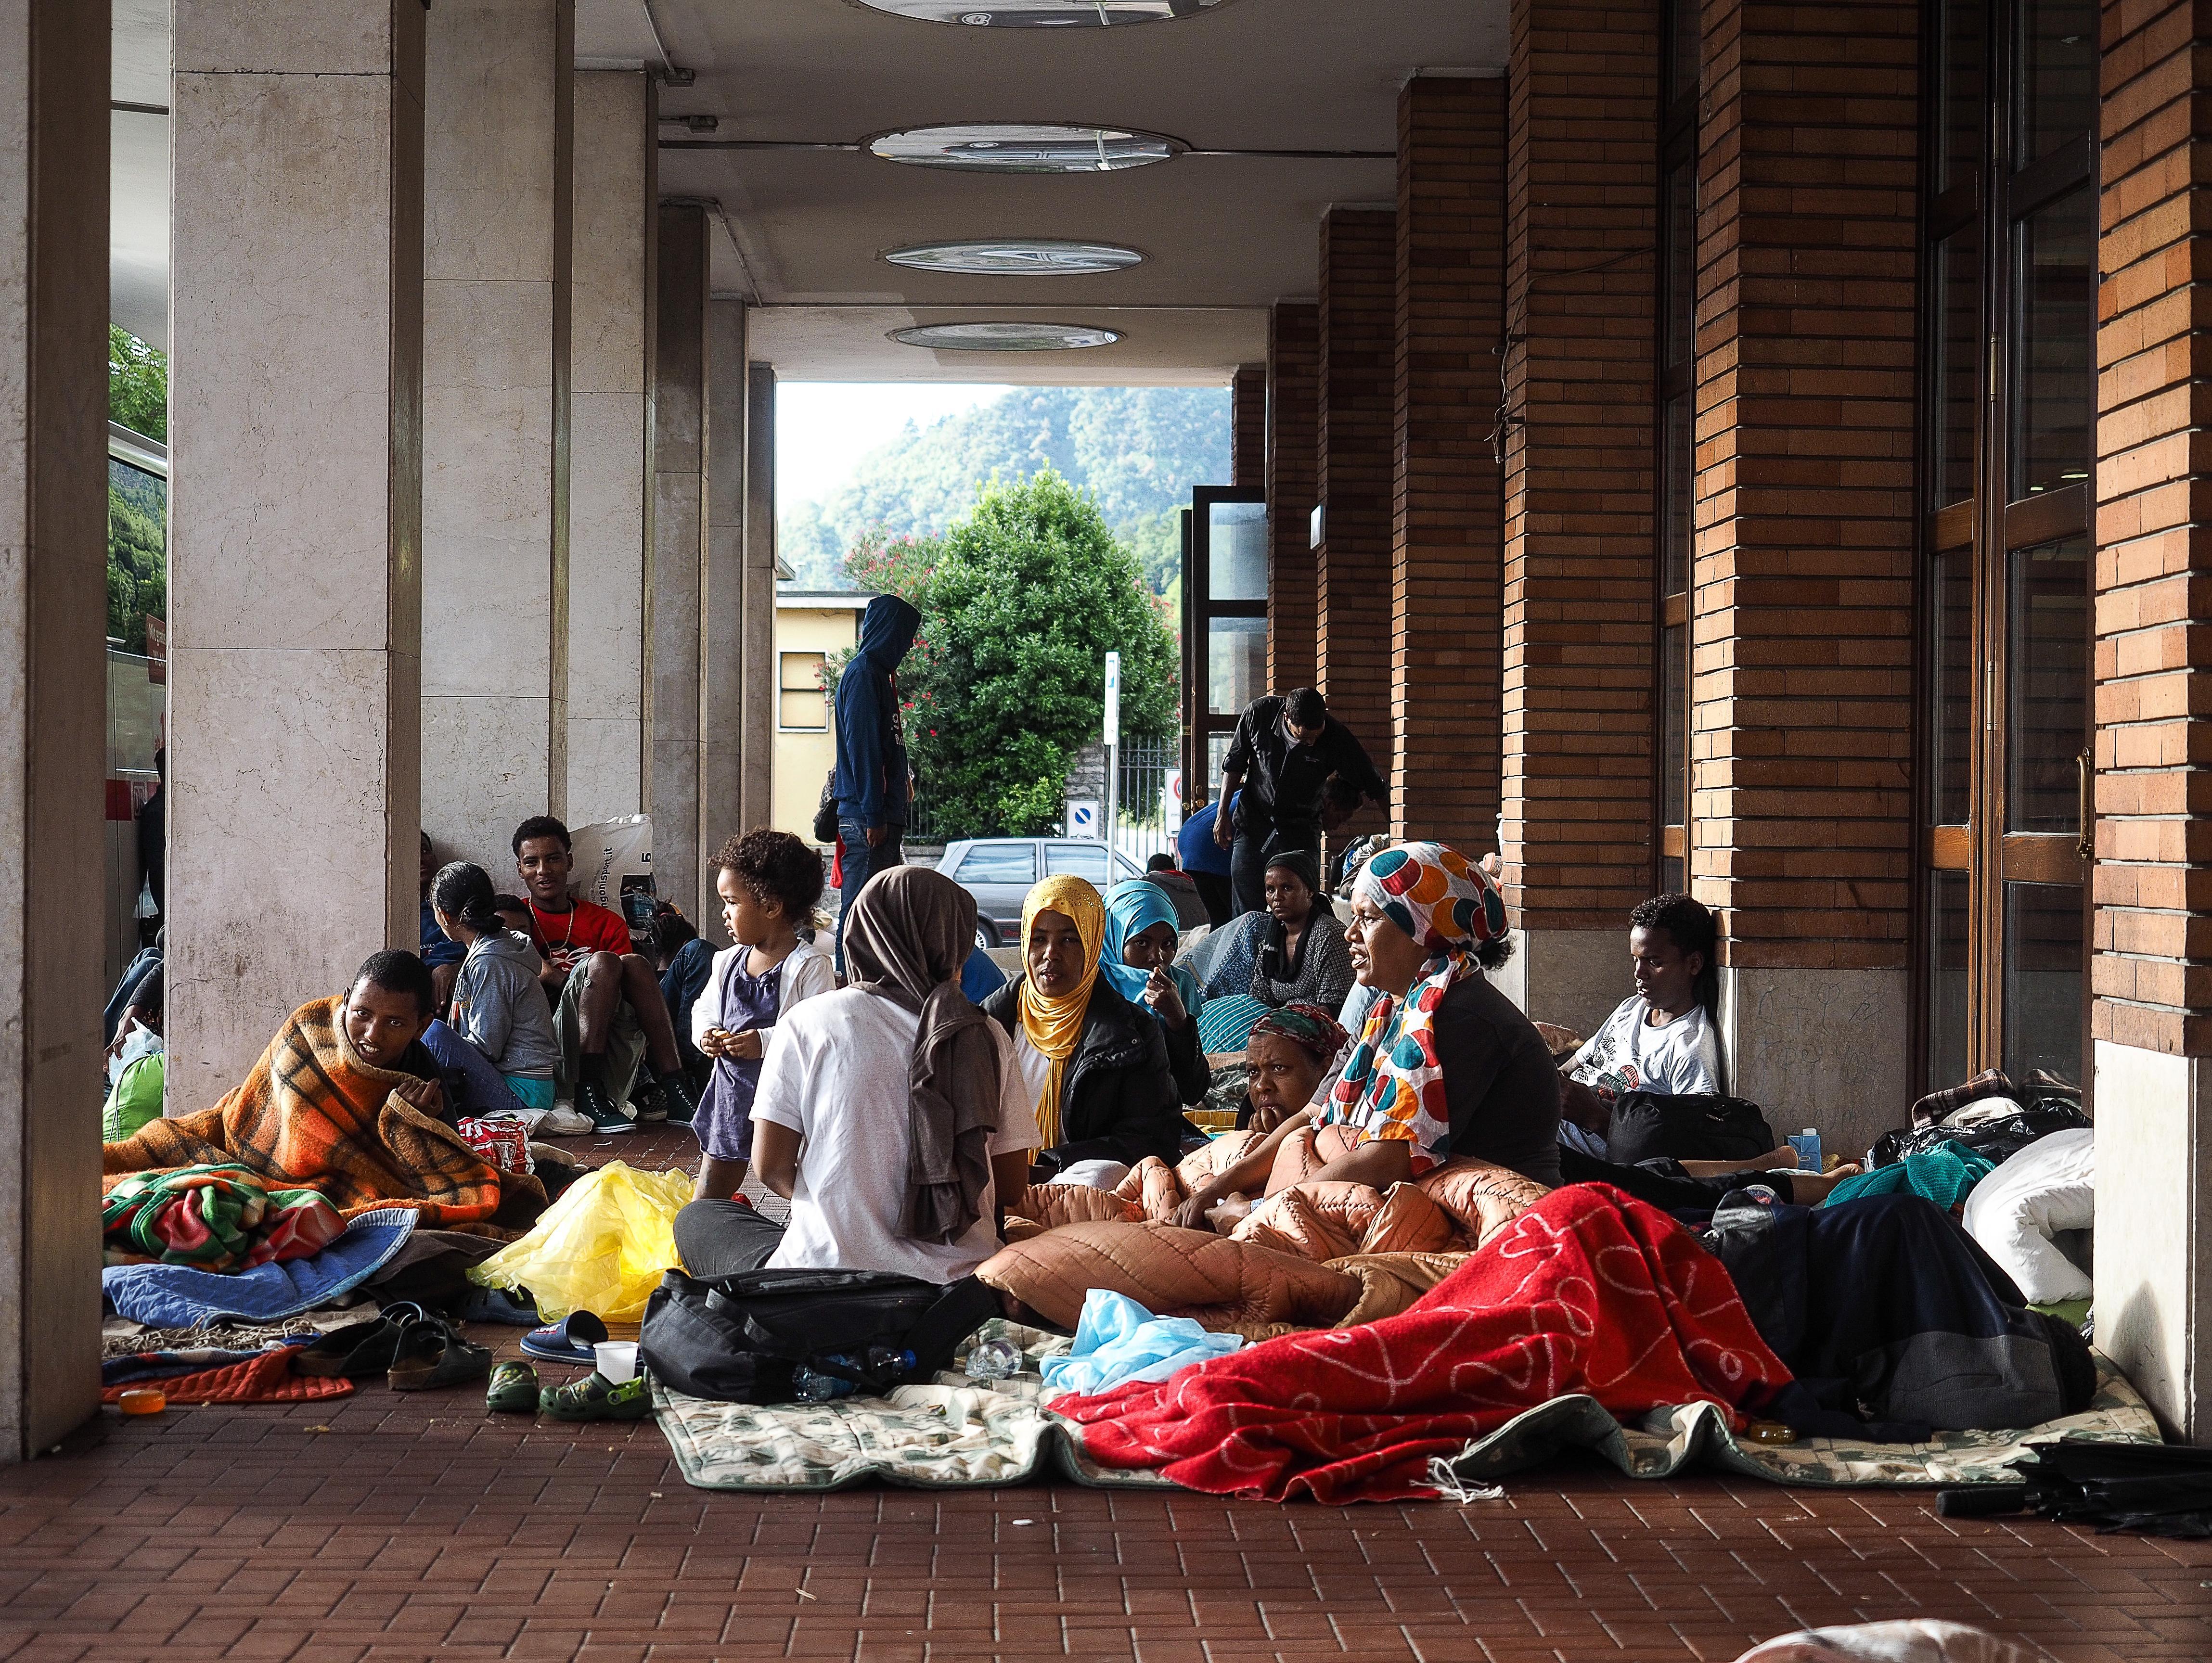 פחות מ-2 דולר ליום: ניגריה עקפה את הודו בשיעור העוני הקיצוני